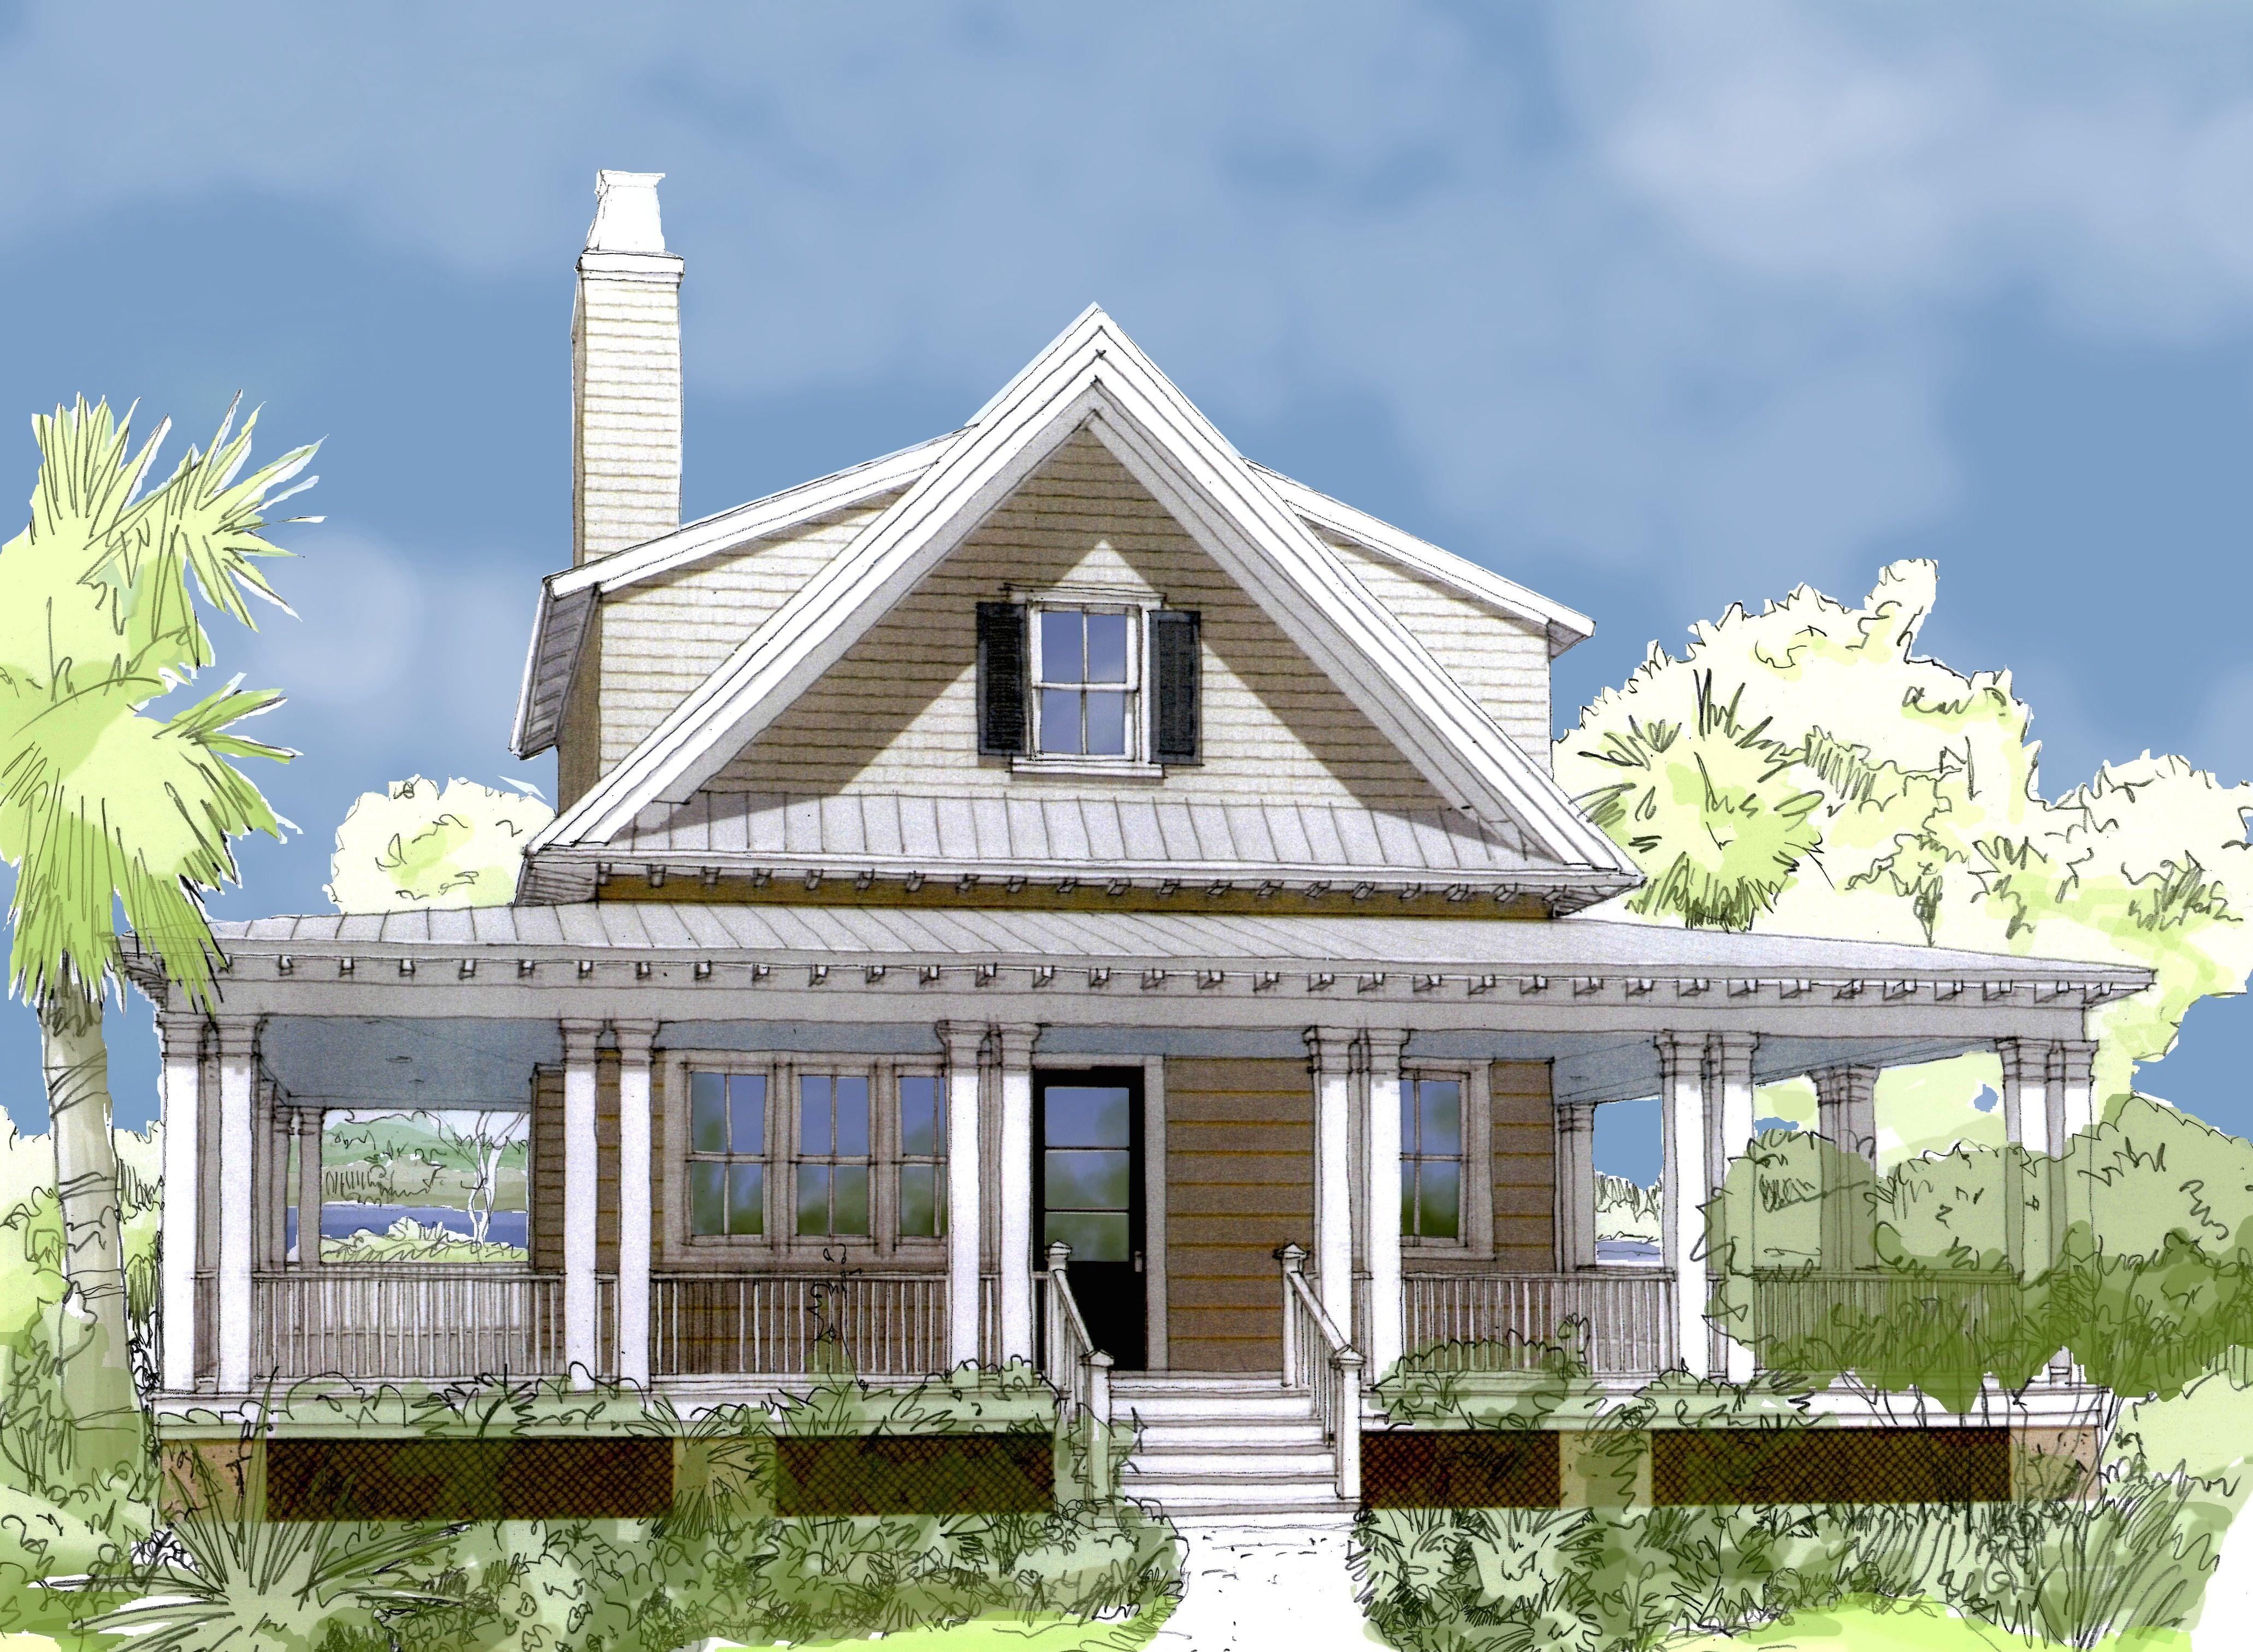 Http Www Flatfishislanddesigns Com Sites Default Files 20curlewcottage4 Jpg Cottage Plan House Plans Coastal Cottage